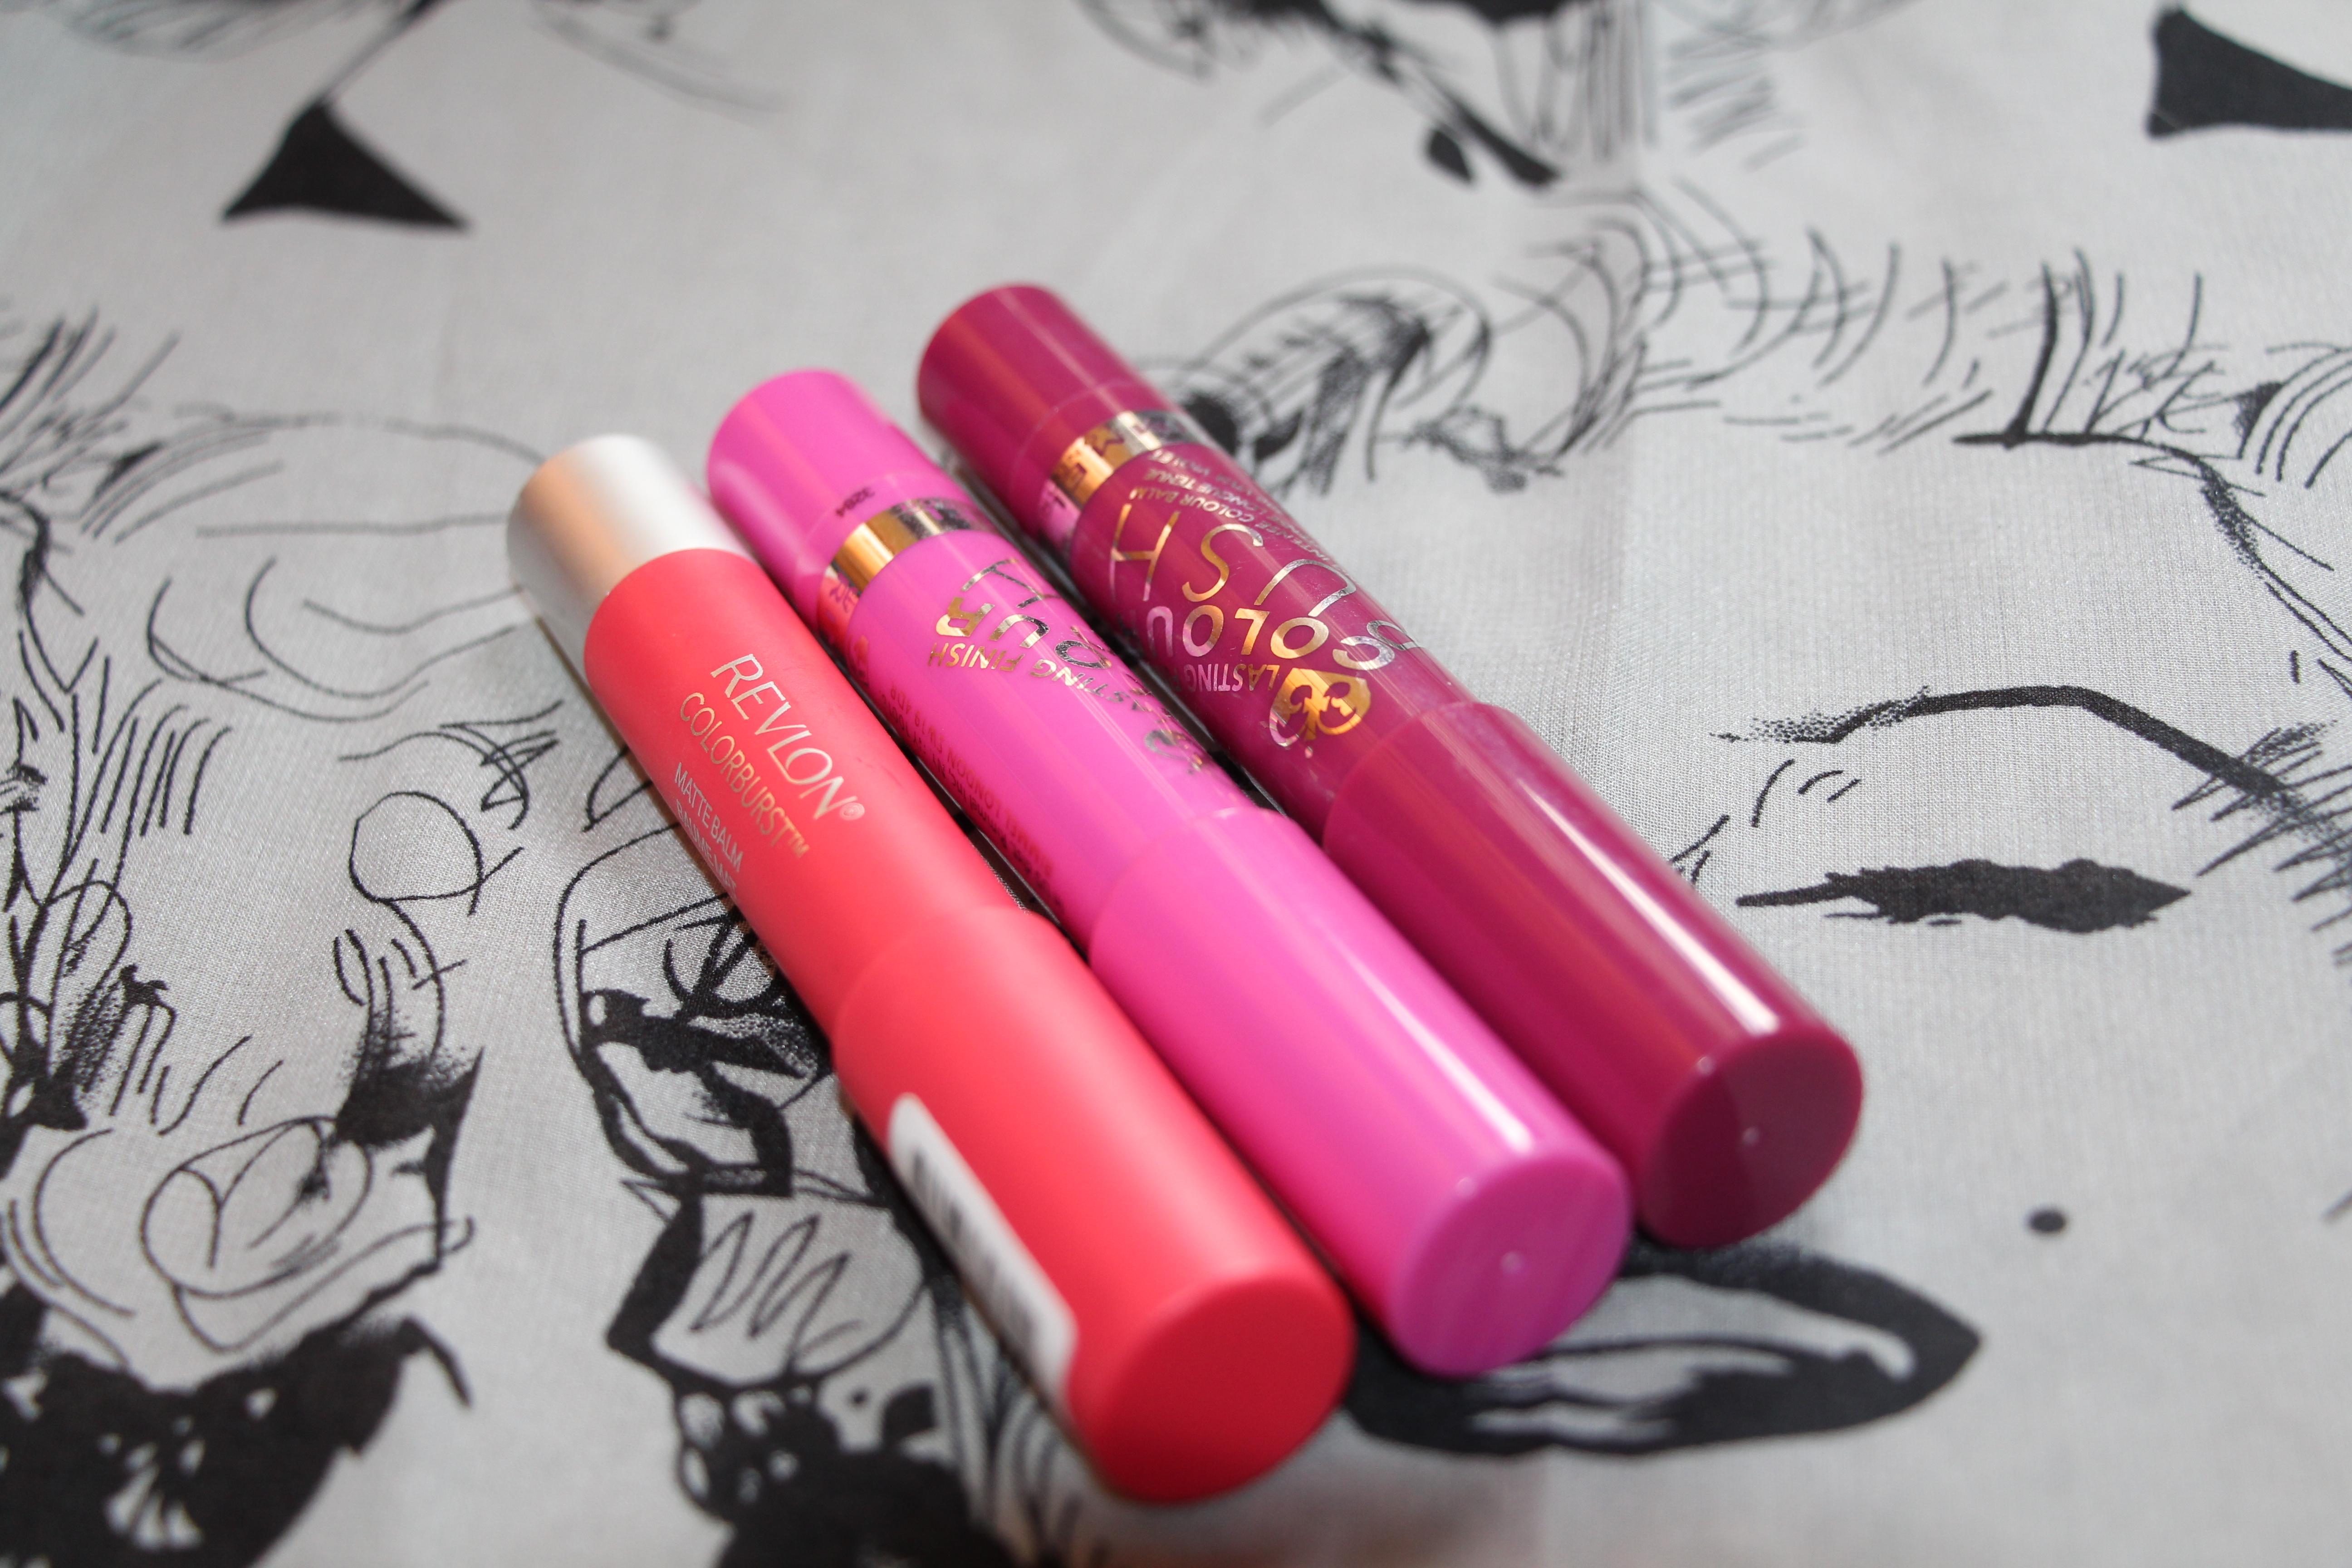 rimmel, revlon, color rush, color burst, beauty blogs, beauty products, makeup,